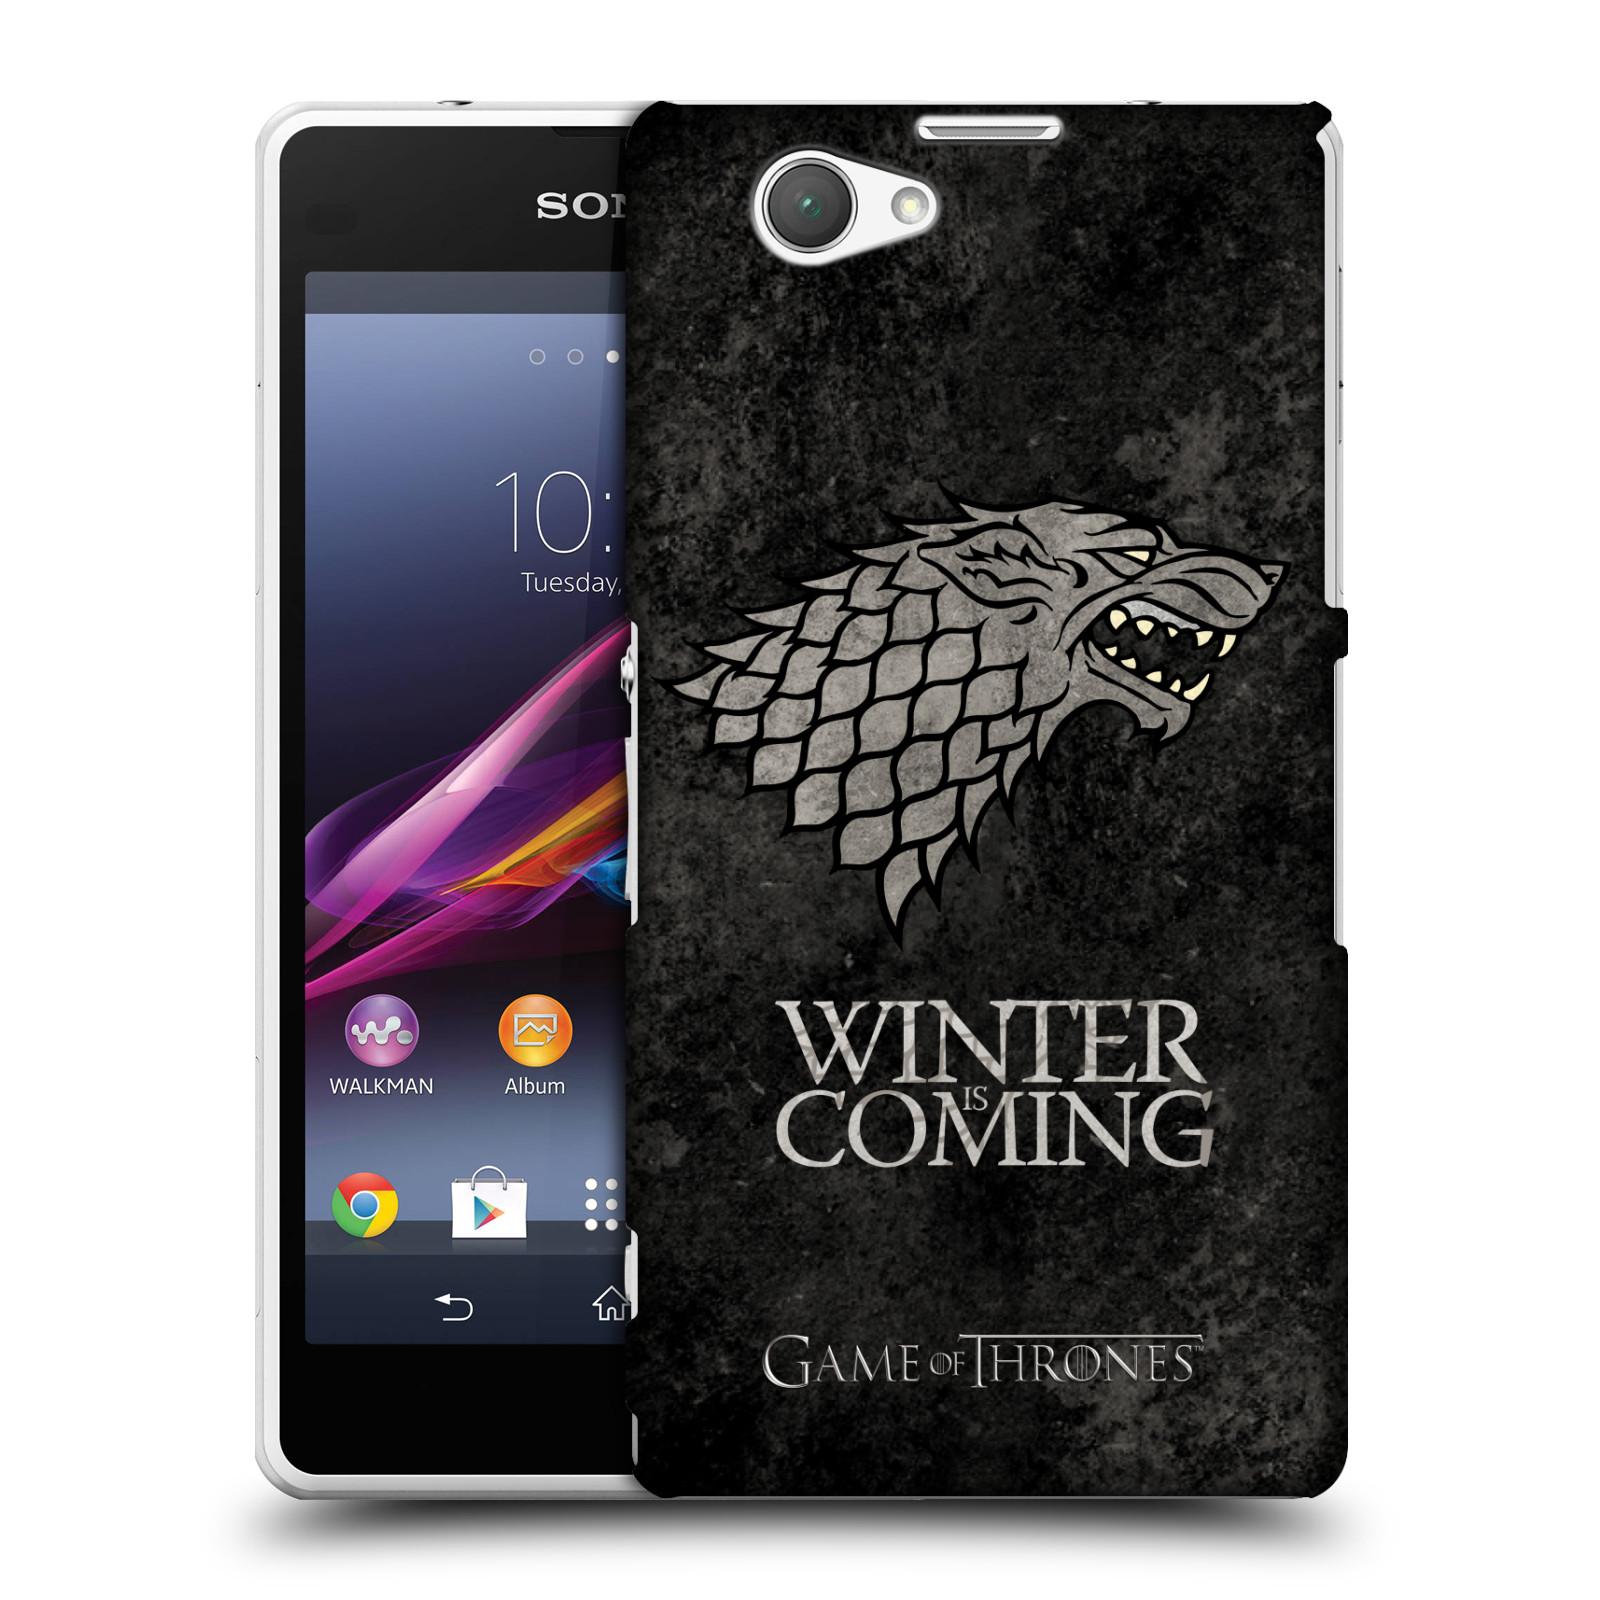 Plastové pouzdro na mobil Sony Xperia Z1 Compact D5503 HEAD CASE Hra o trůny - Stark - Winter is coming